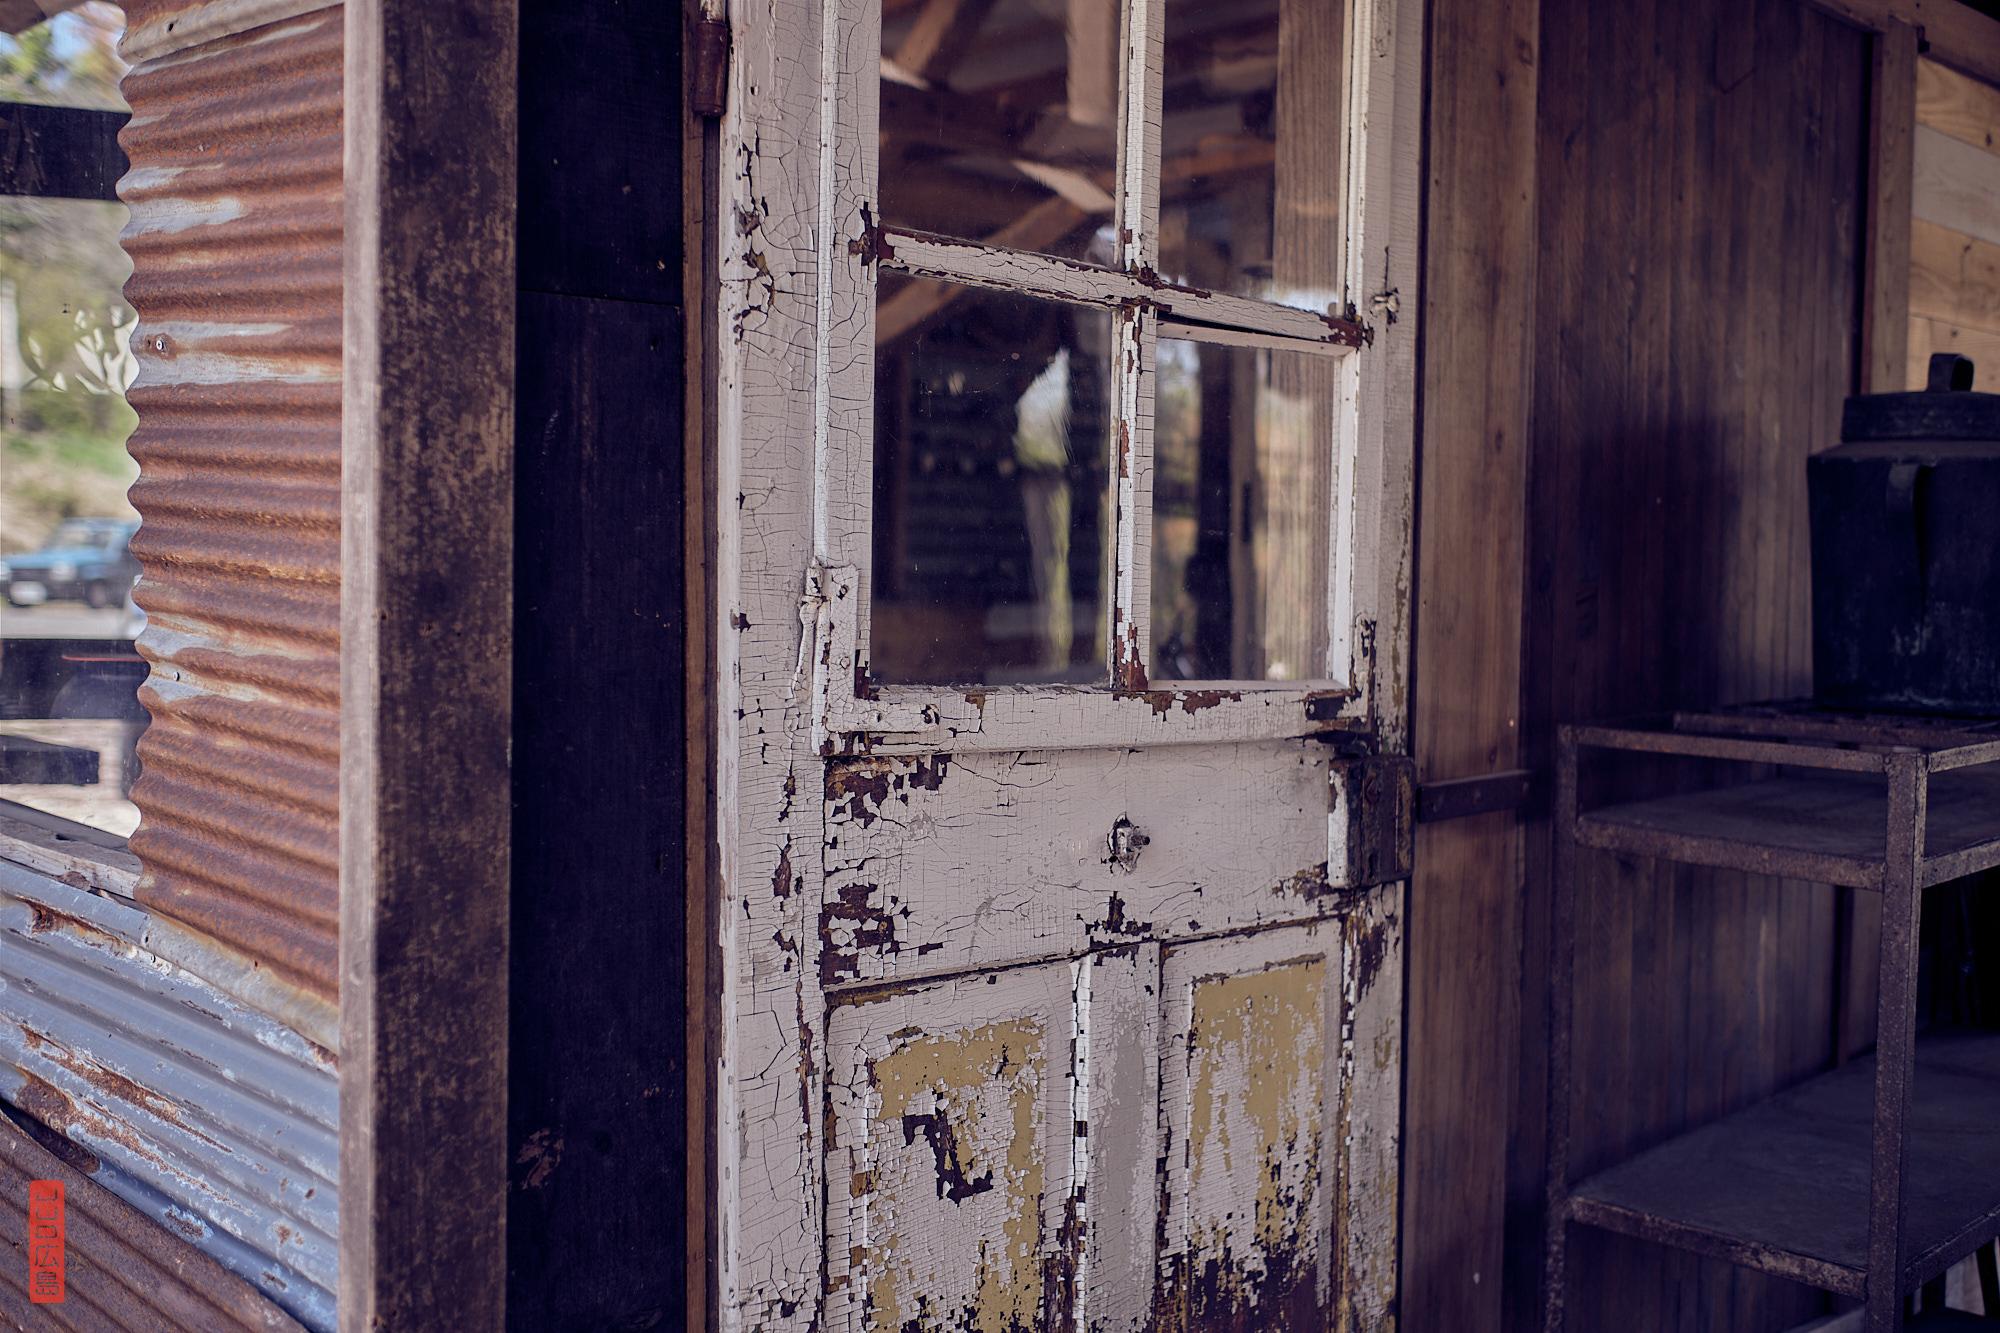 tôle ondulée et porte en bois peinte avec peinture écaillée